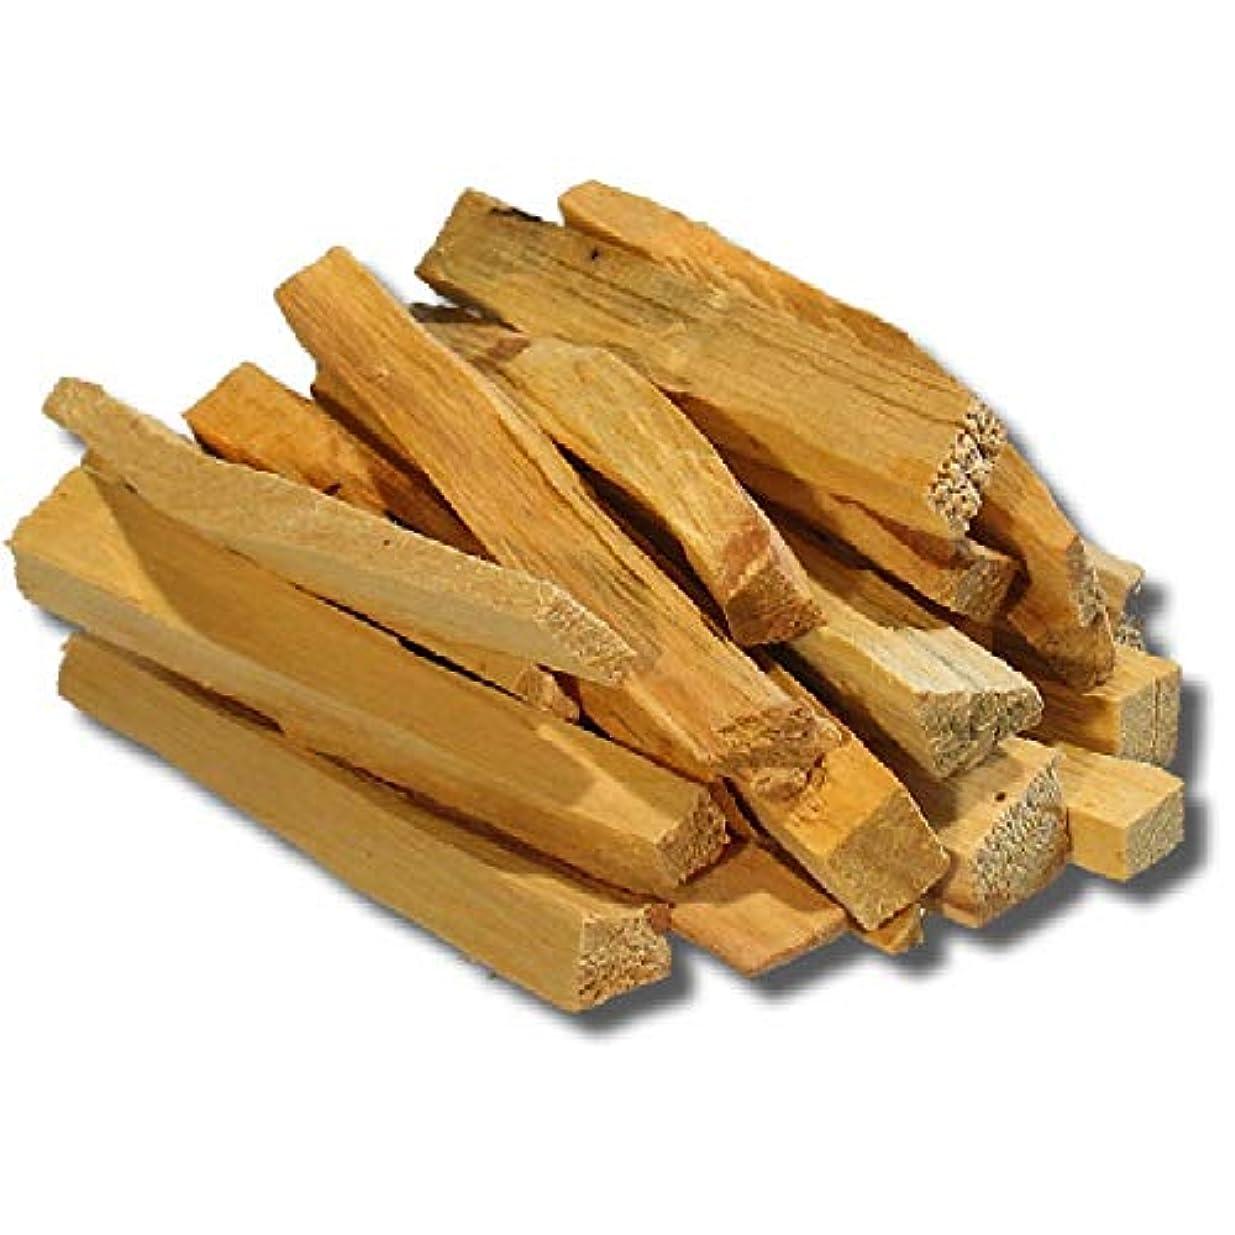 白鳥人差し指とらえどころのないPalo Santo Holy Wood Incense Sticks 11個